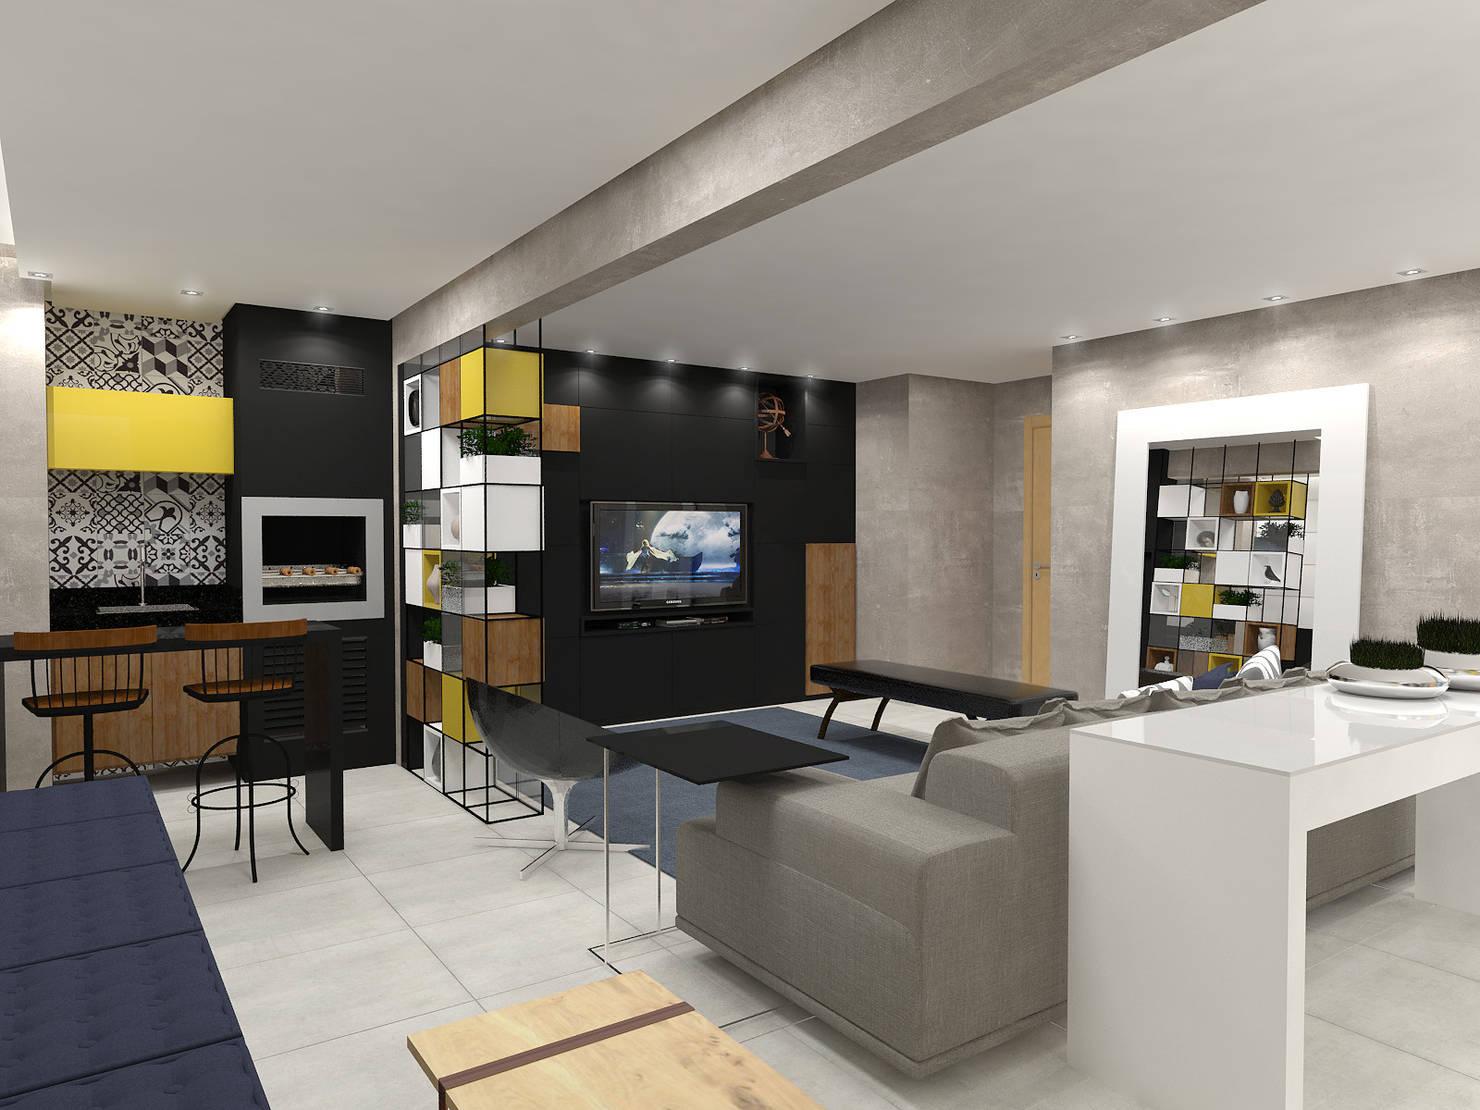 Projeto 3D Mostra o Futuro De Uma Casa Jovem e Moderna